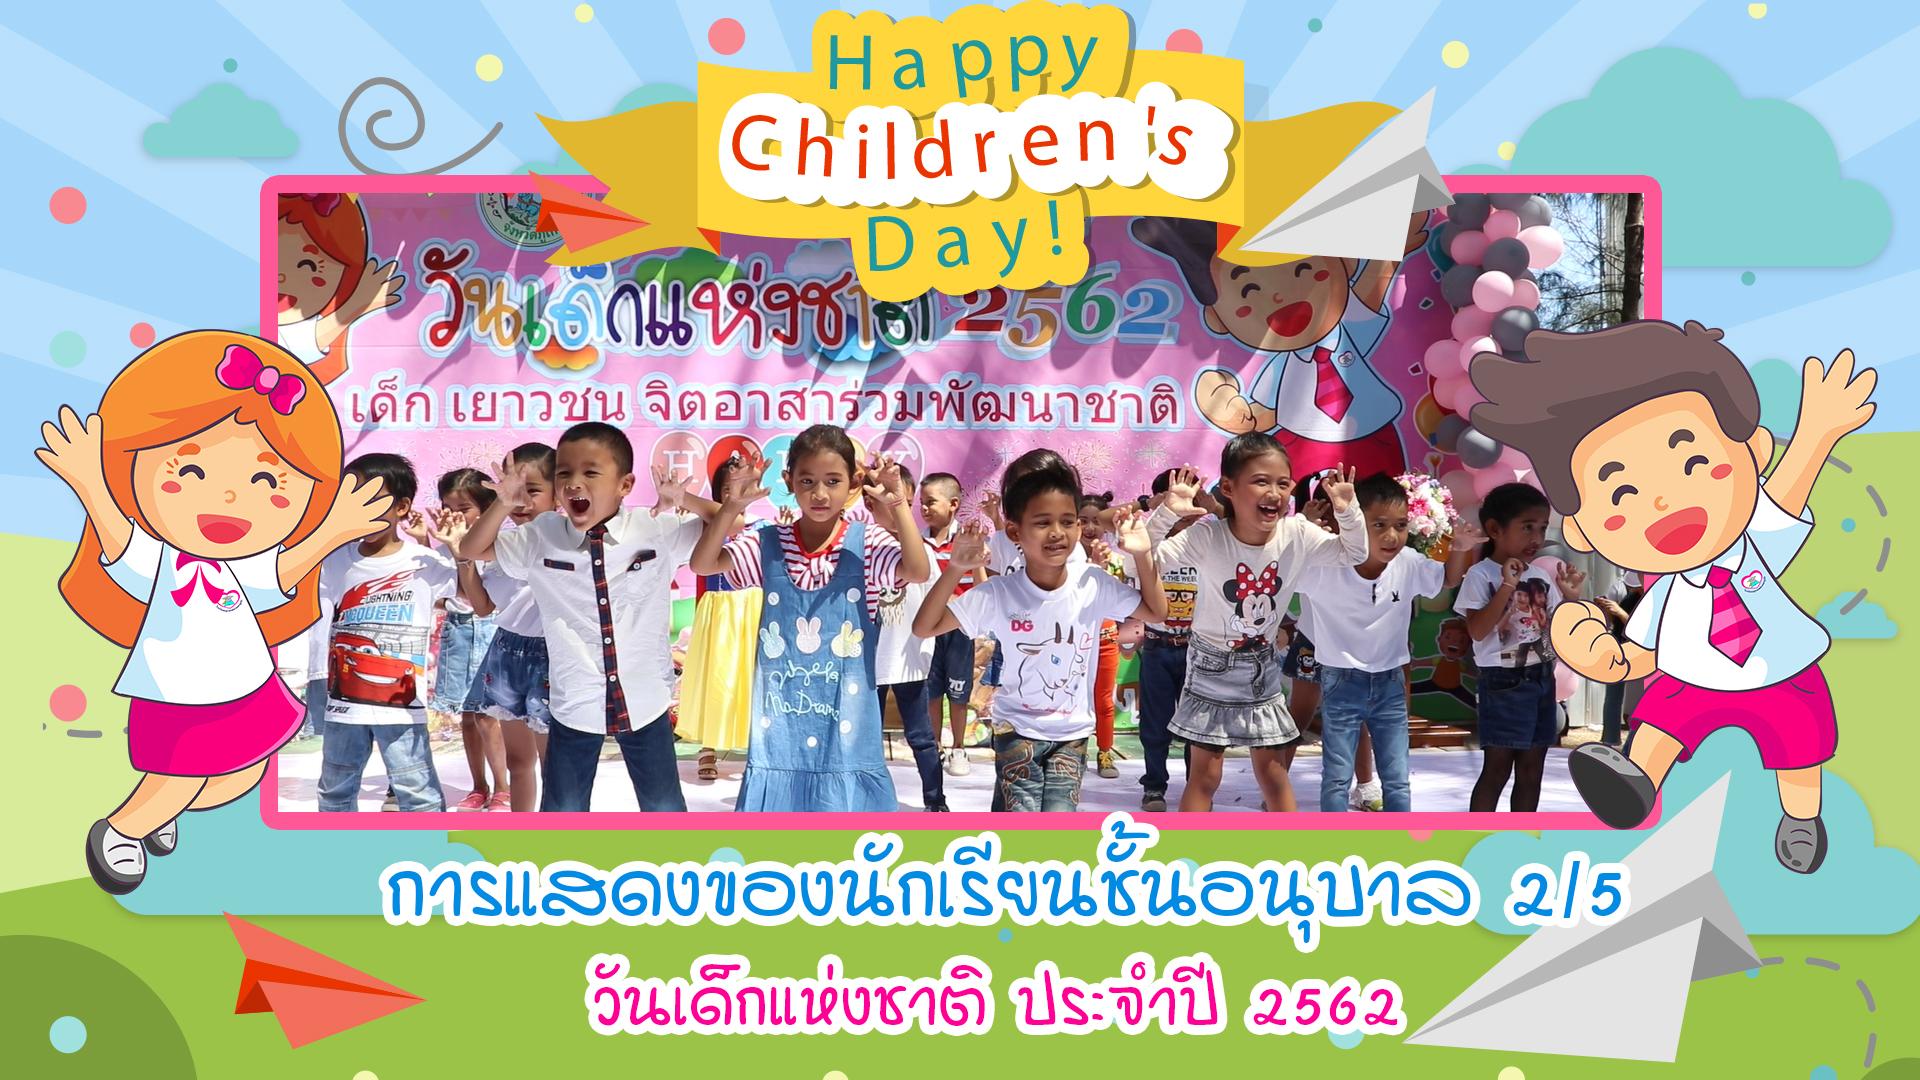 การแสดงของนักเรียนชั้นอนุบาล 2/5 กิจกรรมวันเด็กแห่งชาติ ประจำปี 2562